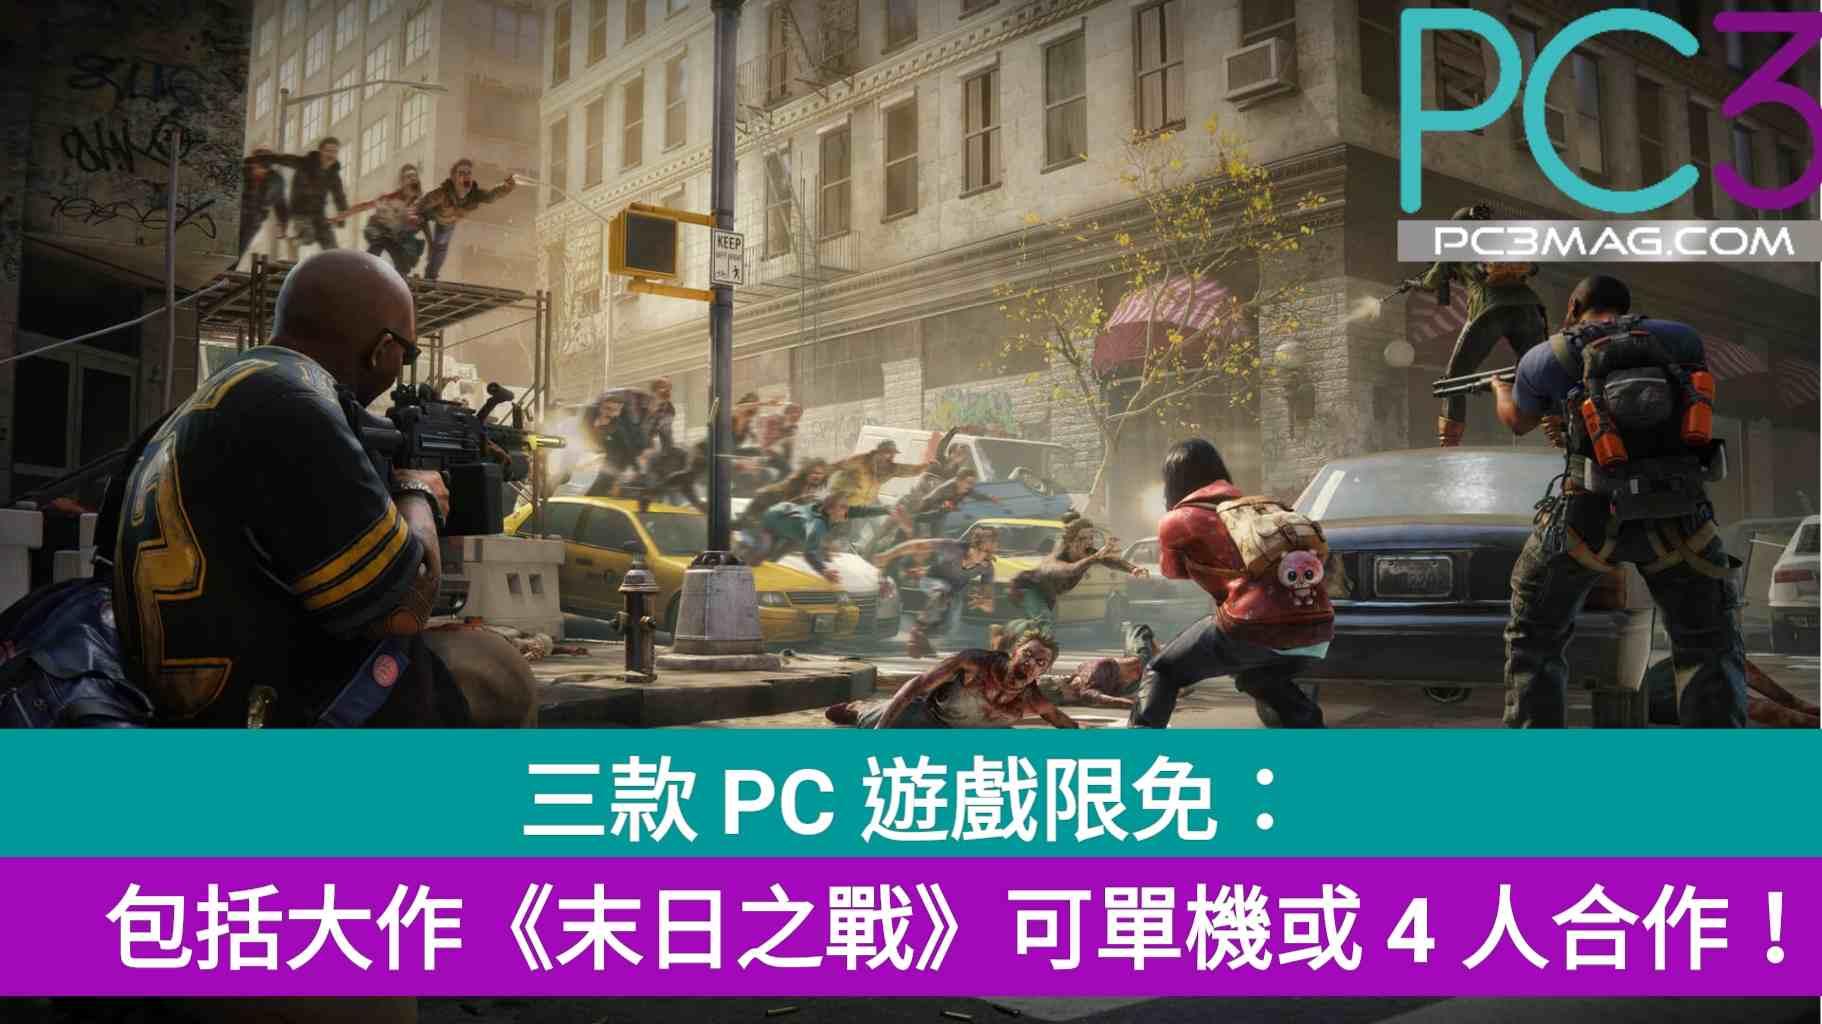 三款 PC 遊戲限免:四人合作大作《末日之戰》& 休閒動作冒險《Figment》! – PC3 Magazine